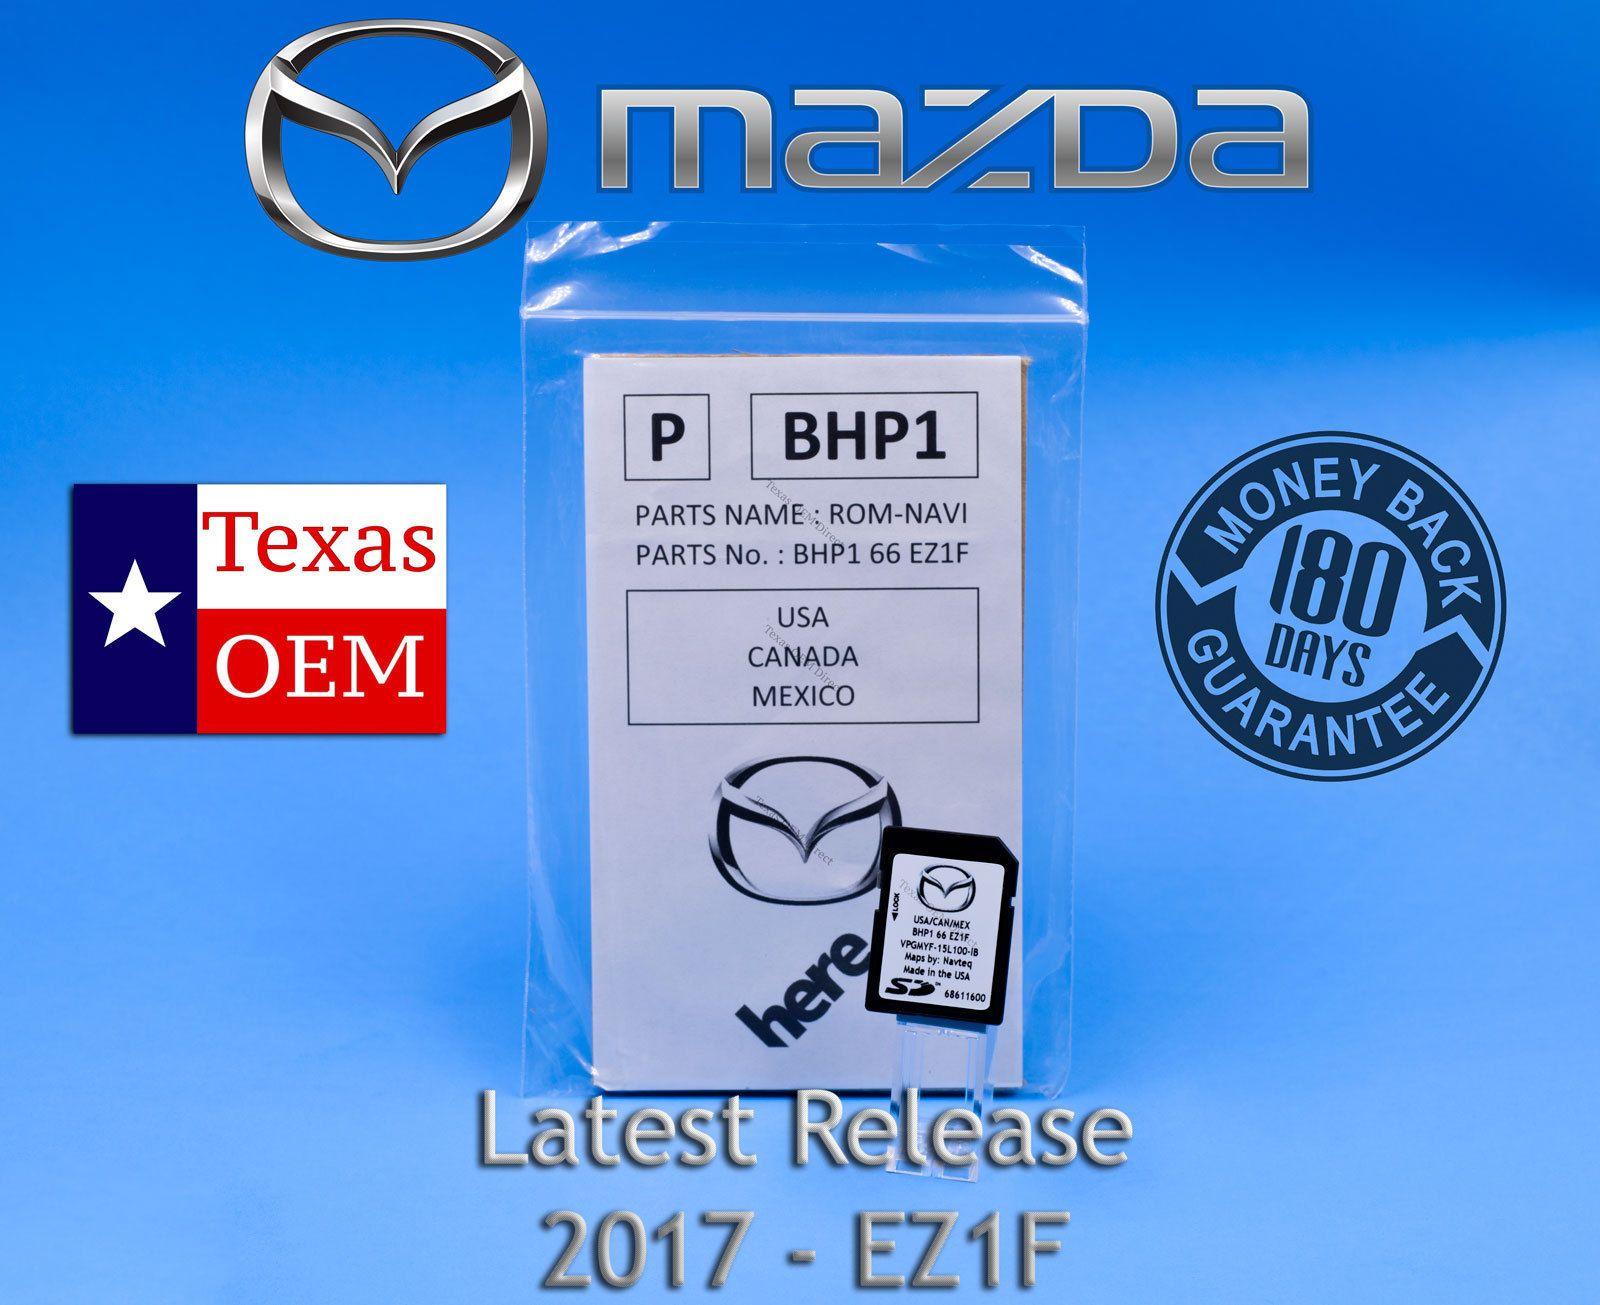 2016 mazda 3 navigation sd card